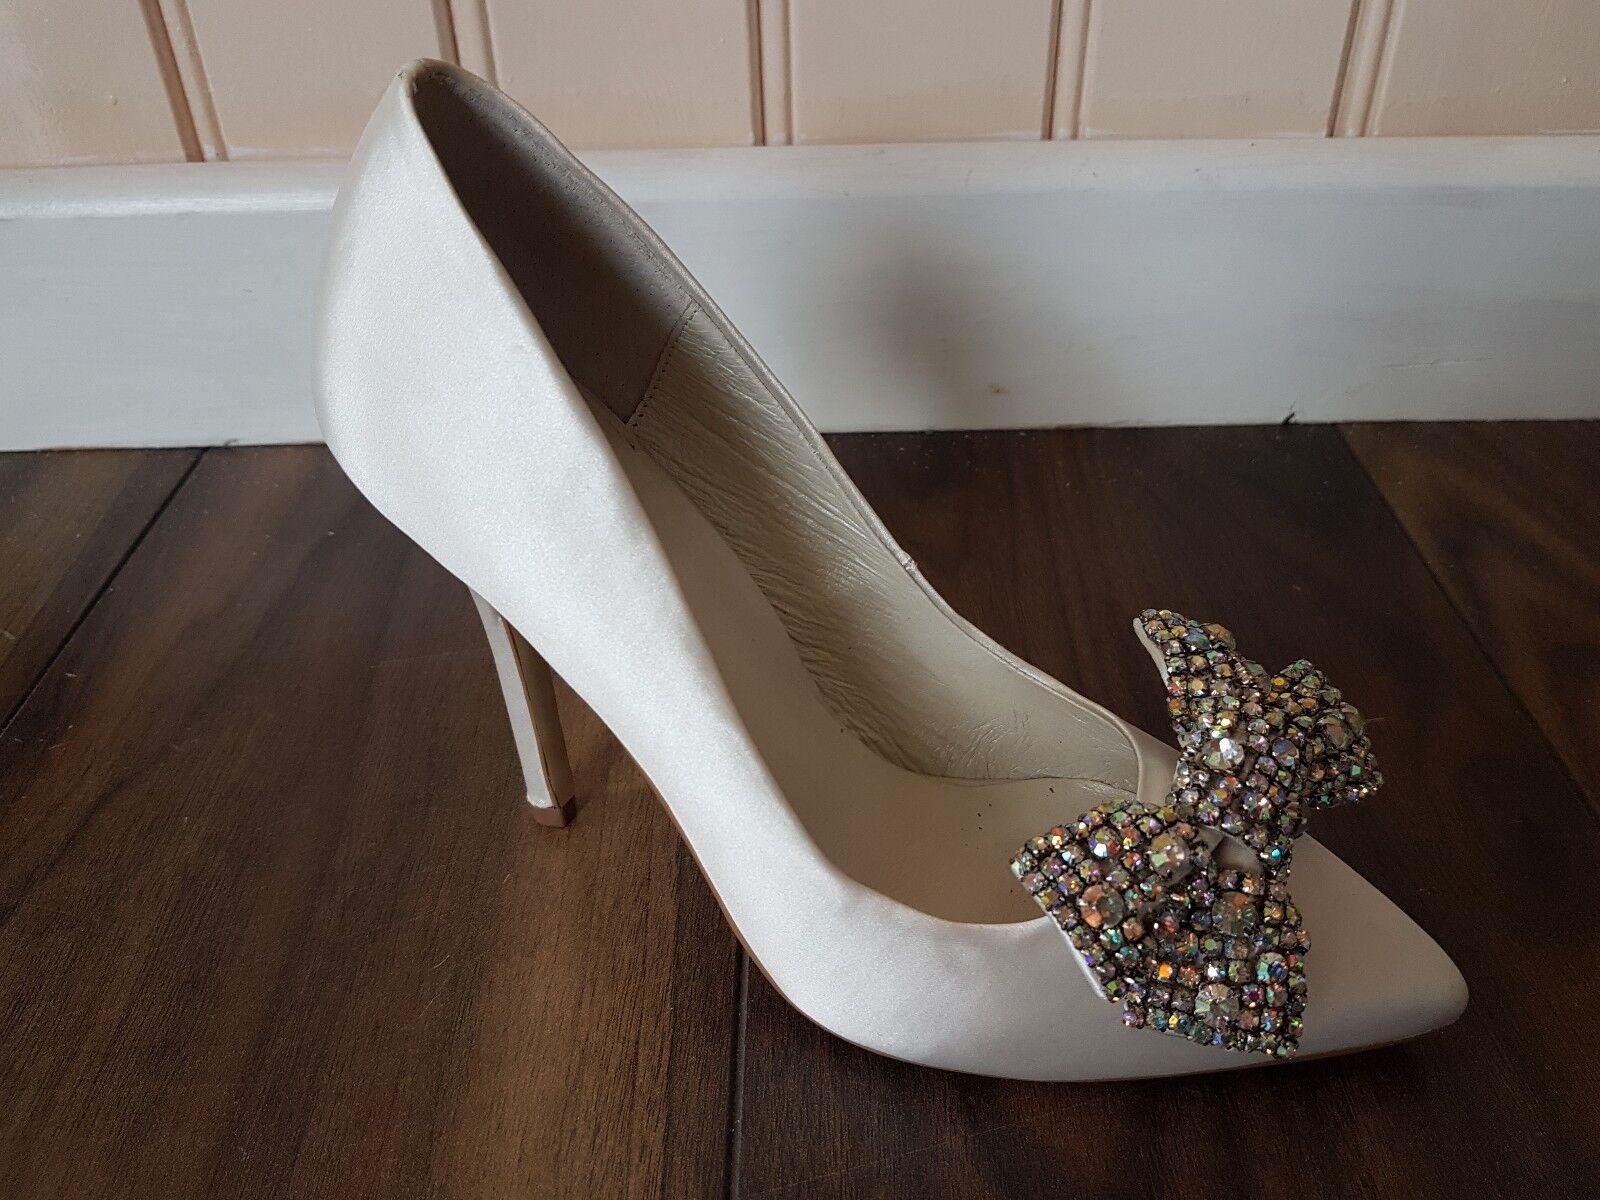 Ivory Satin Wedding Bridal Court shoes Diamonte Bow Size  37 UK4 by Menbur